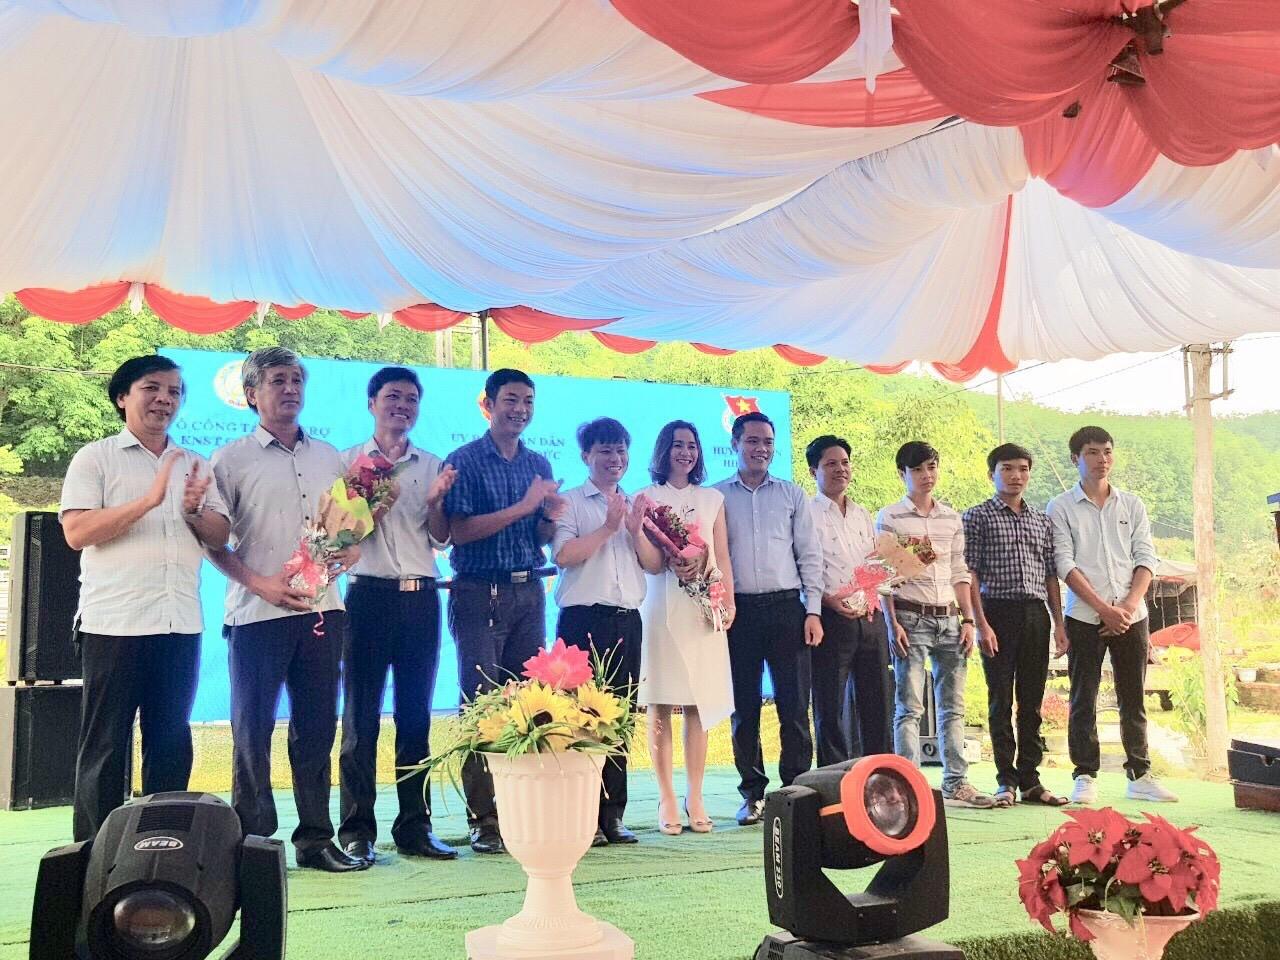 Ra mắt Câu lạc bộ Khởi nghiệp Hiệp Đức do Nguyễn Thị Thu Thủy (giữa) làm chủ nhiệm.